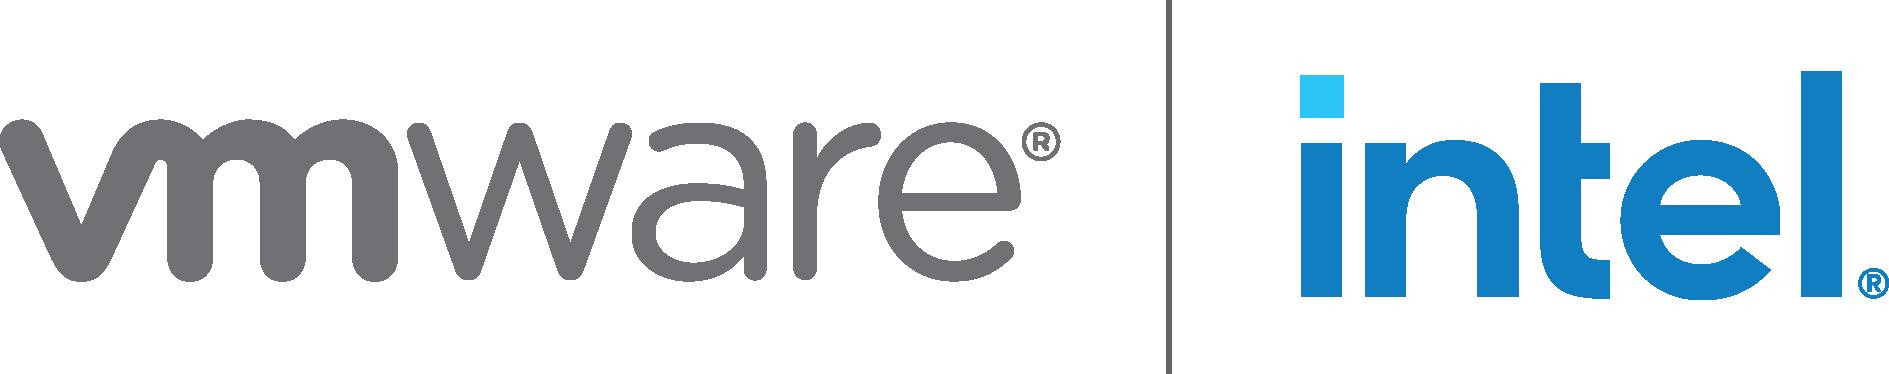 Vmware intel logolockup